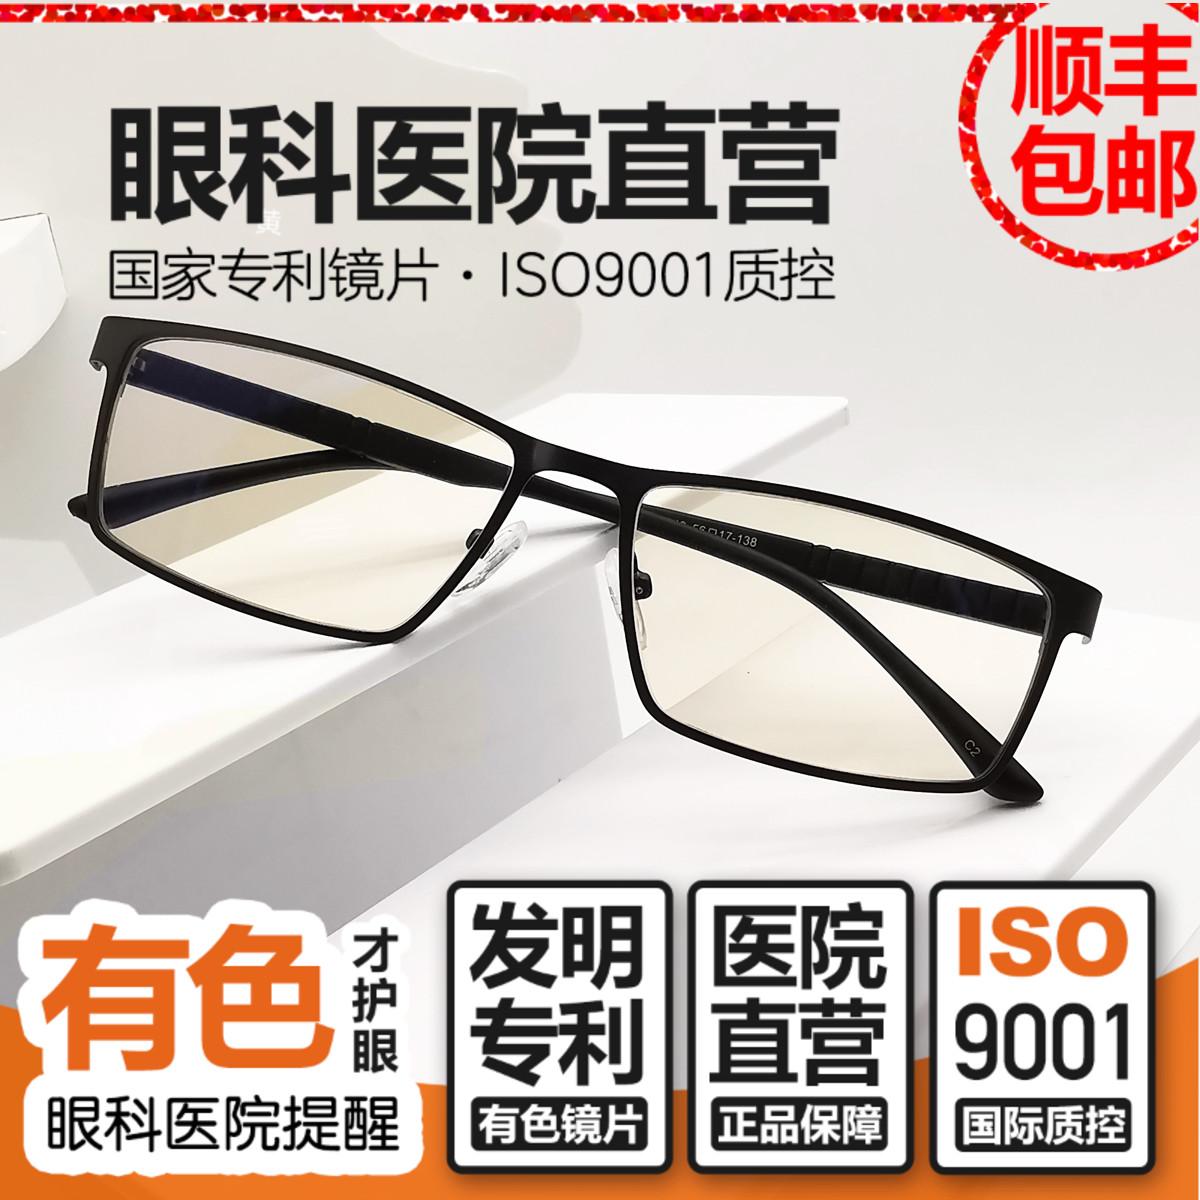 优目正品防蓝光眼镜抗紫外线辐射护目镜电脑手机疲劳眼干专用护眼